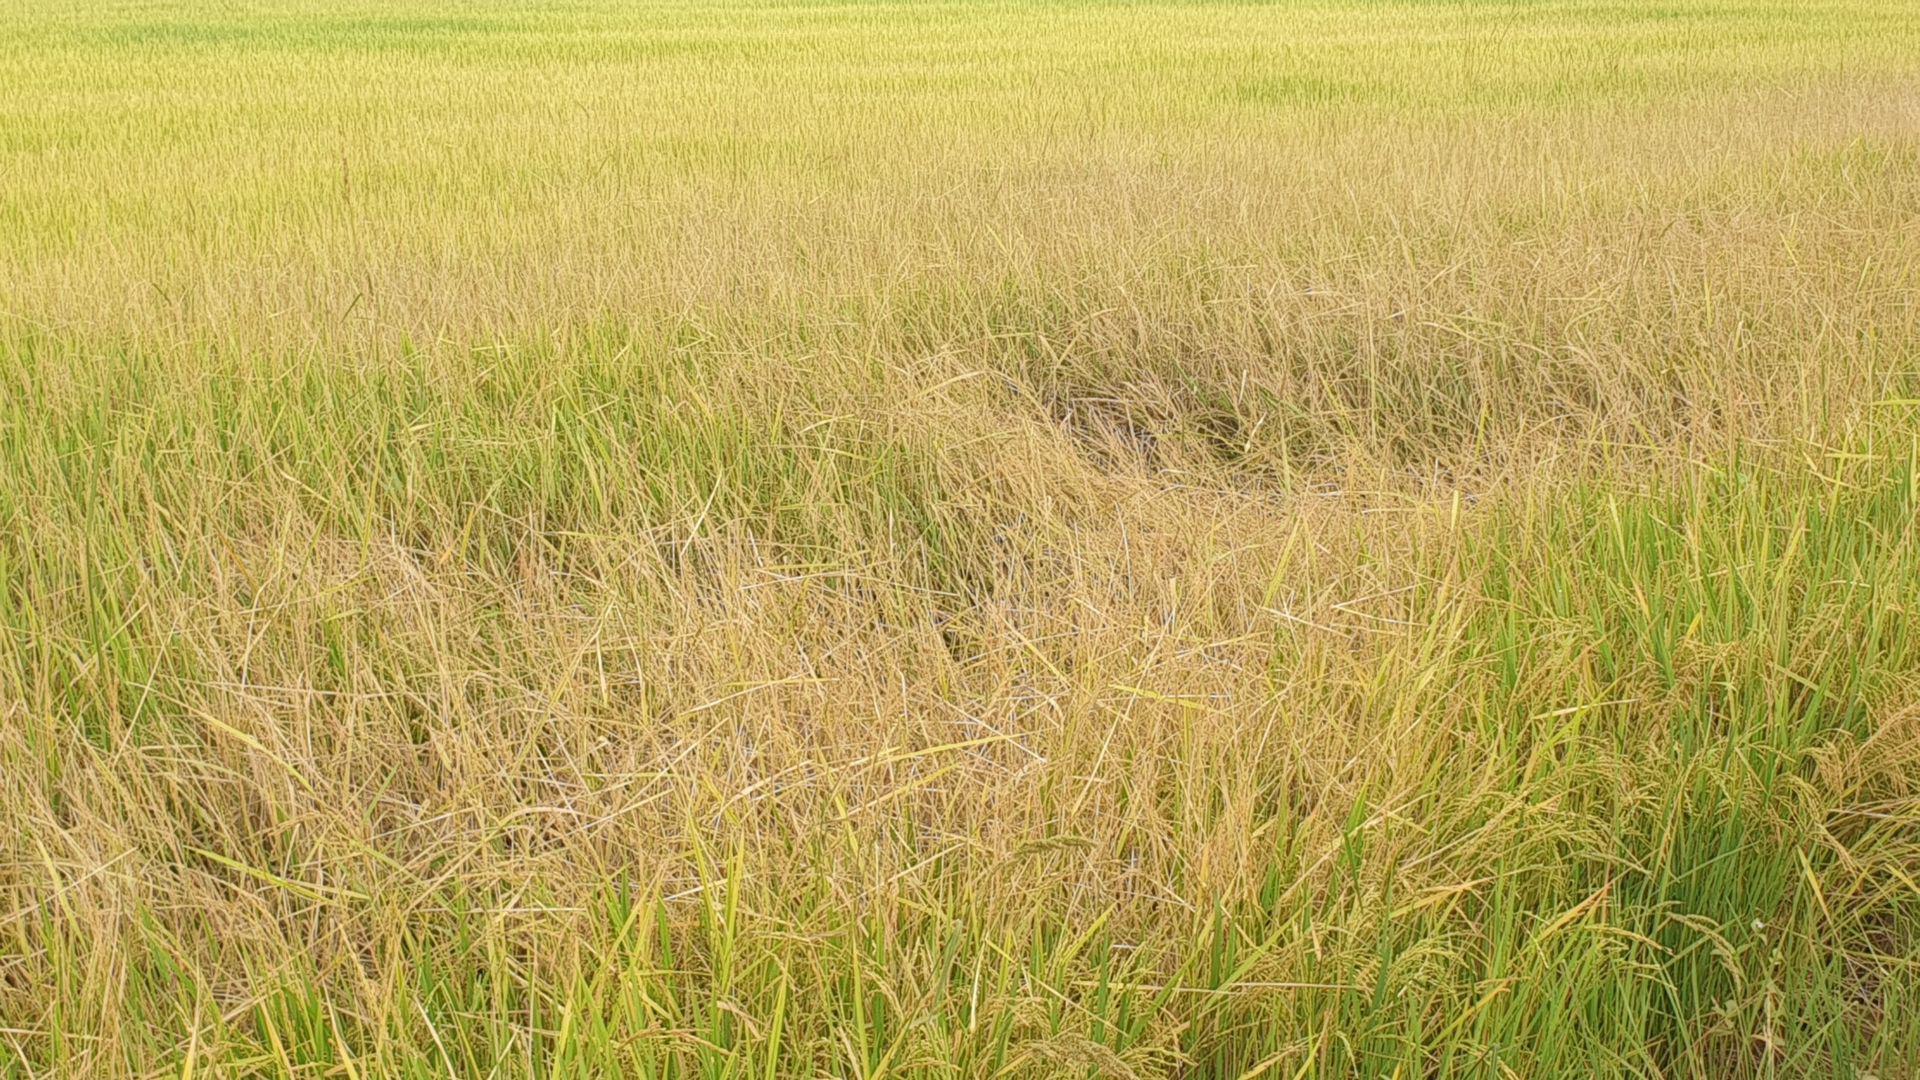 """Tây Ninh: Trồng lúa cả tháng, nông dân mới """"ngã ngửa"""" vì xuất hiện lúa """"hai tầng"""", có cả lúa """"ma"""" - Ảnh 3."""